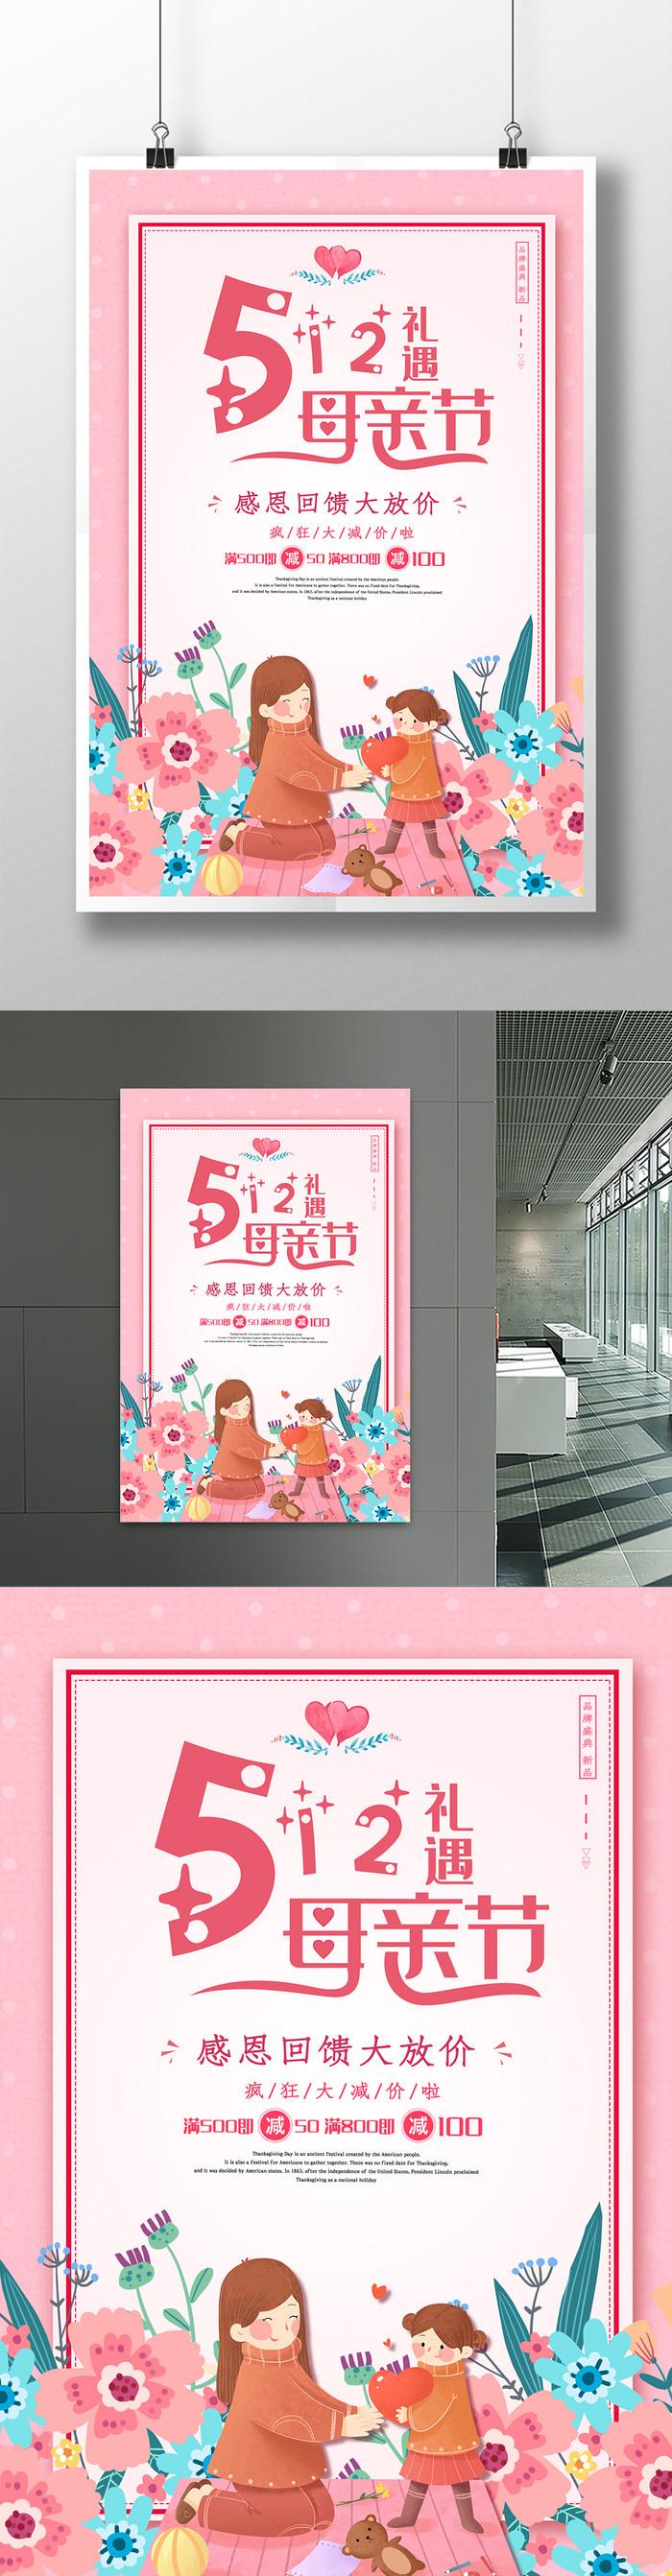 感恩母亲节温馨粉色节日活动宣传广告海报